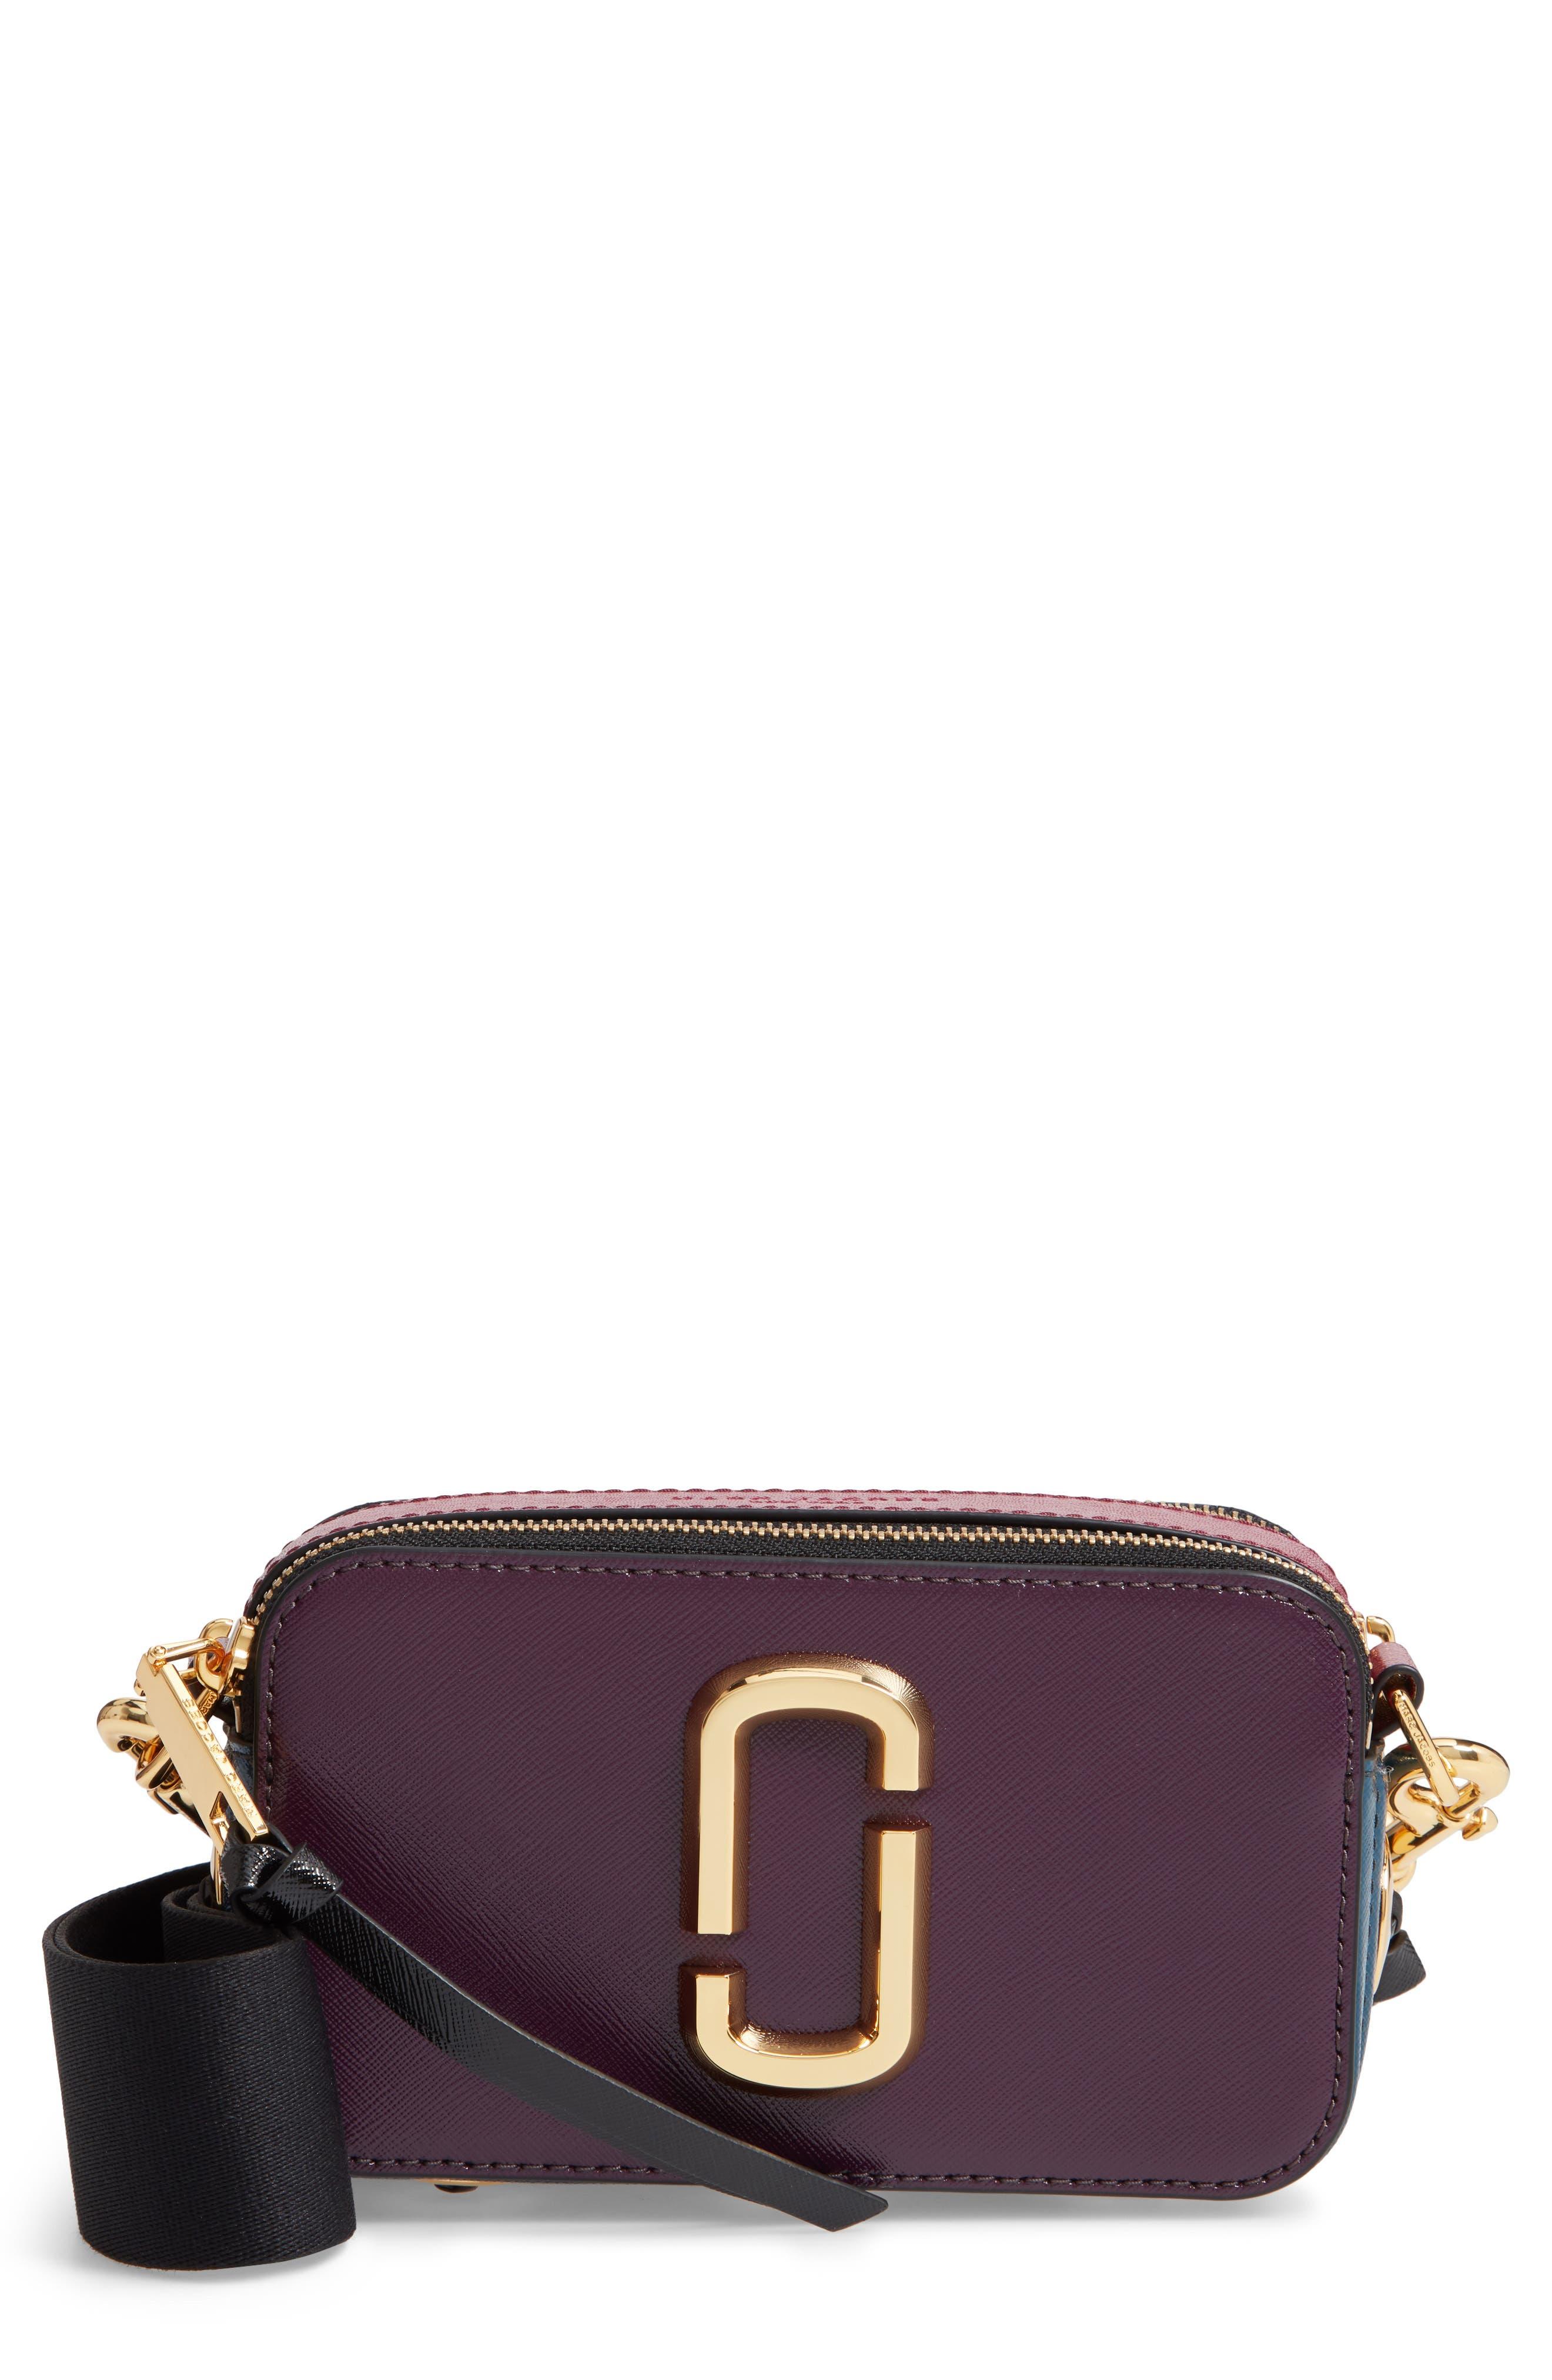 Snapshot Crossbody Bag,                         Main,                         color, GRAPE MULTI